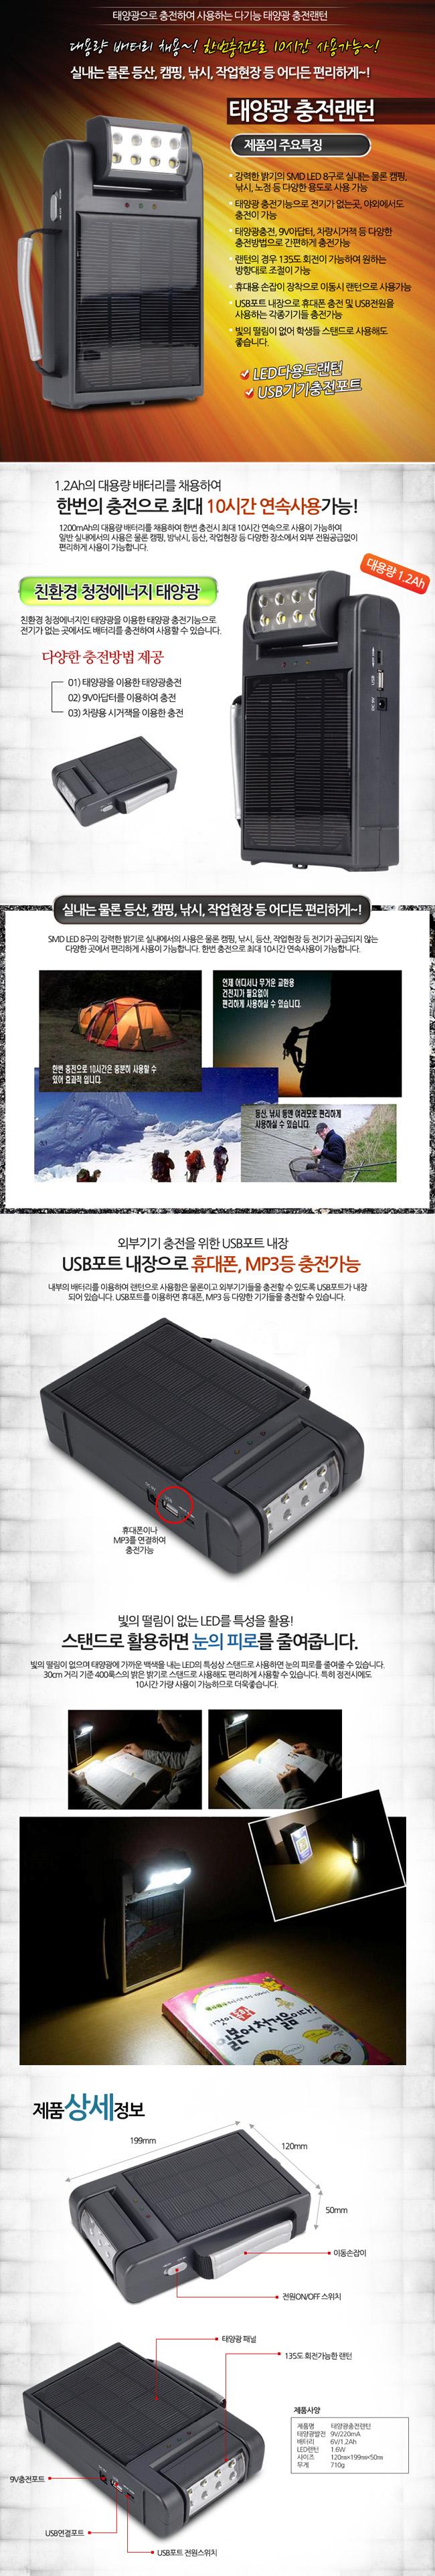 태양광 충전식 LED랜턴 400룩스광량, USB포트내장 휴대폰충전가능1200mAh,손전등 후레쉬,캠핑 등산 레저용,차량예비용